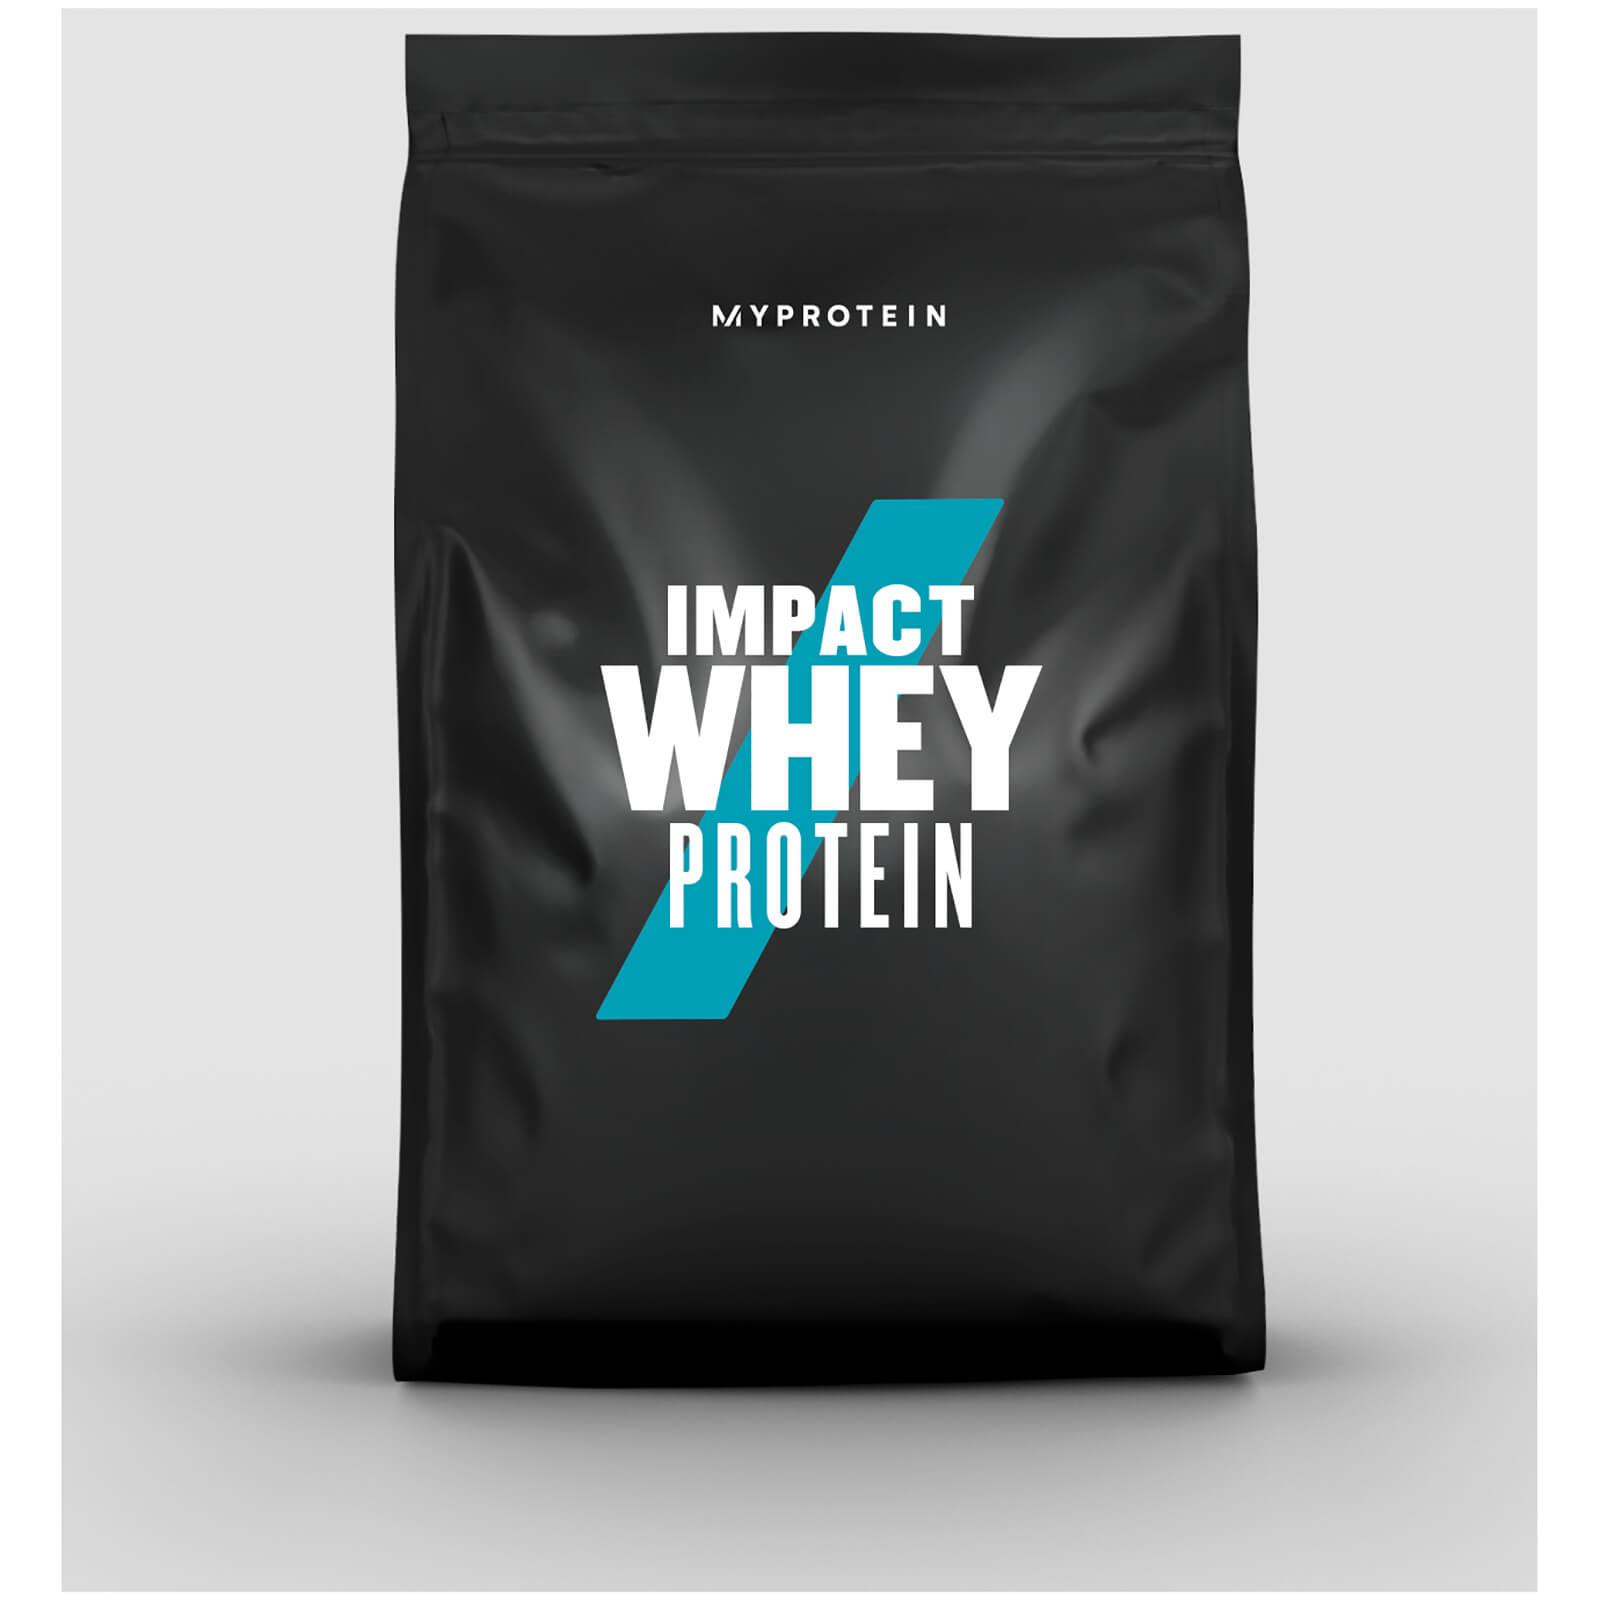 Myprotein Impact Whey Protein - 500g - Dark Chocolate & Chilli